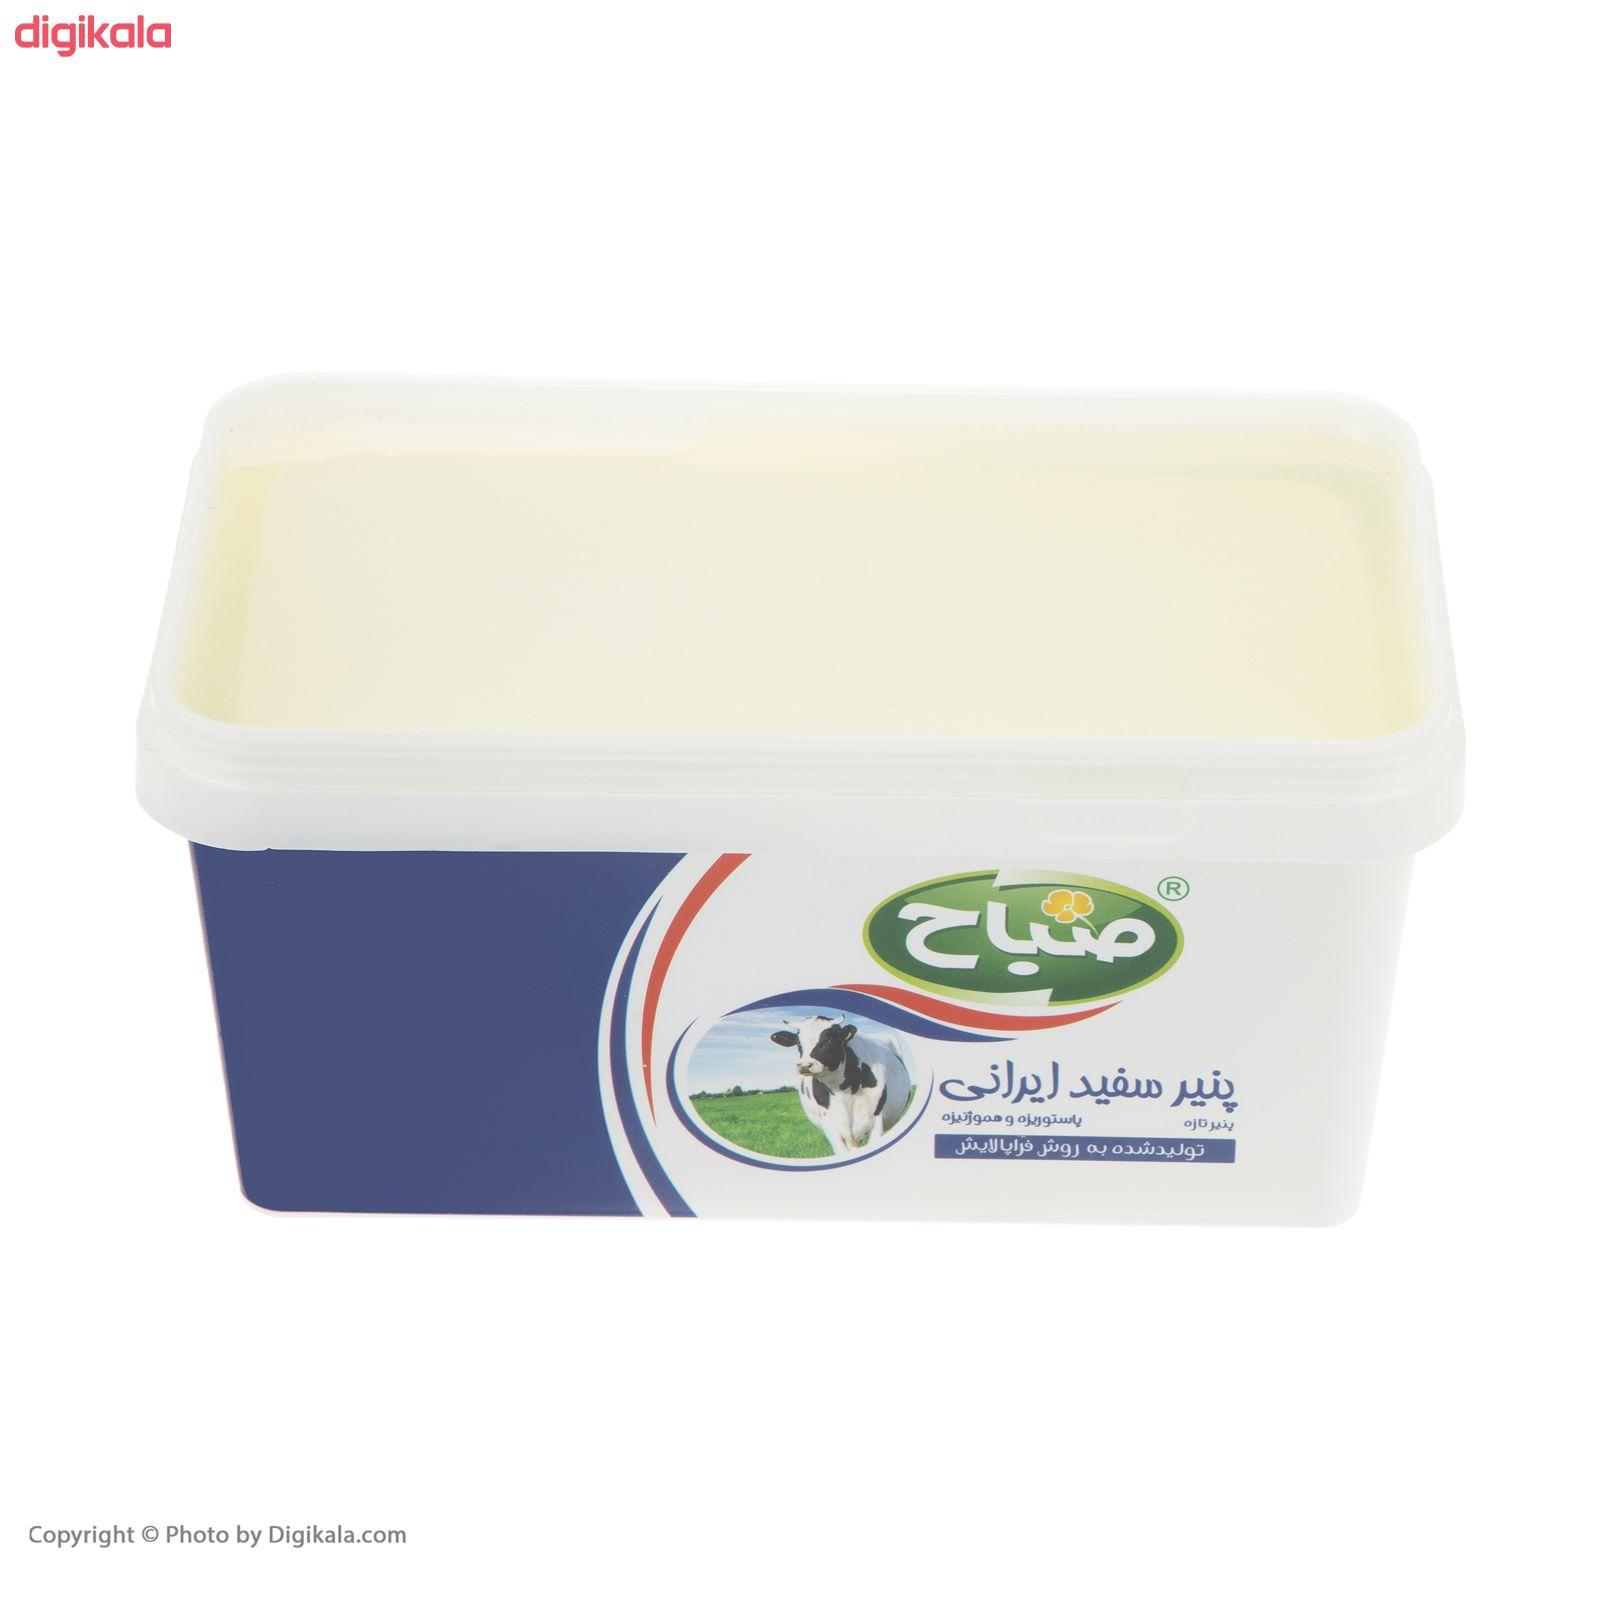 پنیر سفید صباح - 900 گرم main 1 1